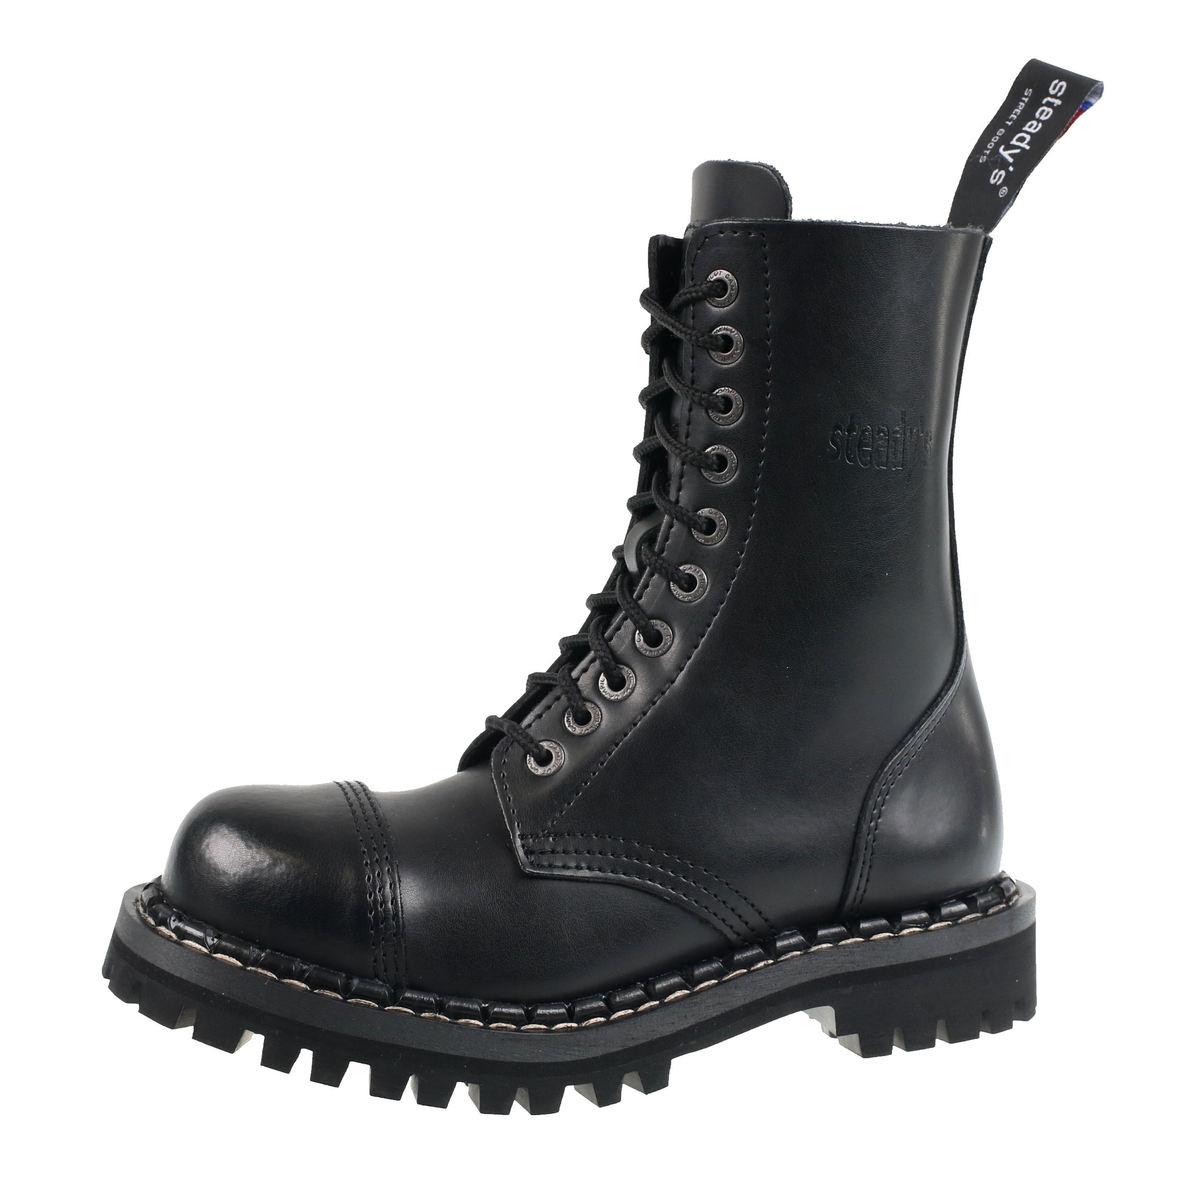 bf1cab7031826 topánky STEADY´S - 10 dierkové - Black - STE/10_black - metalshop.sk